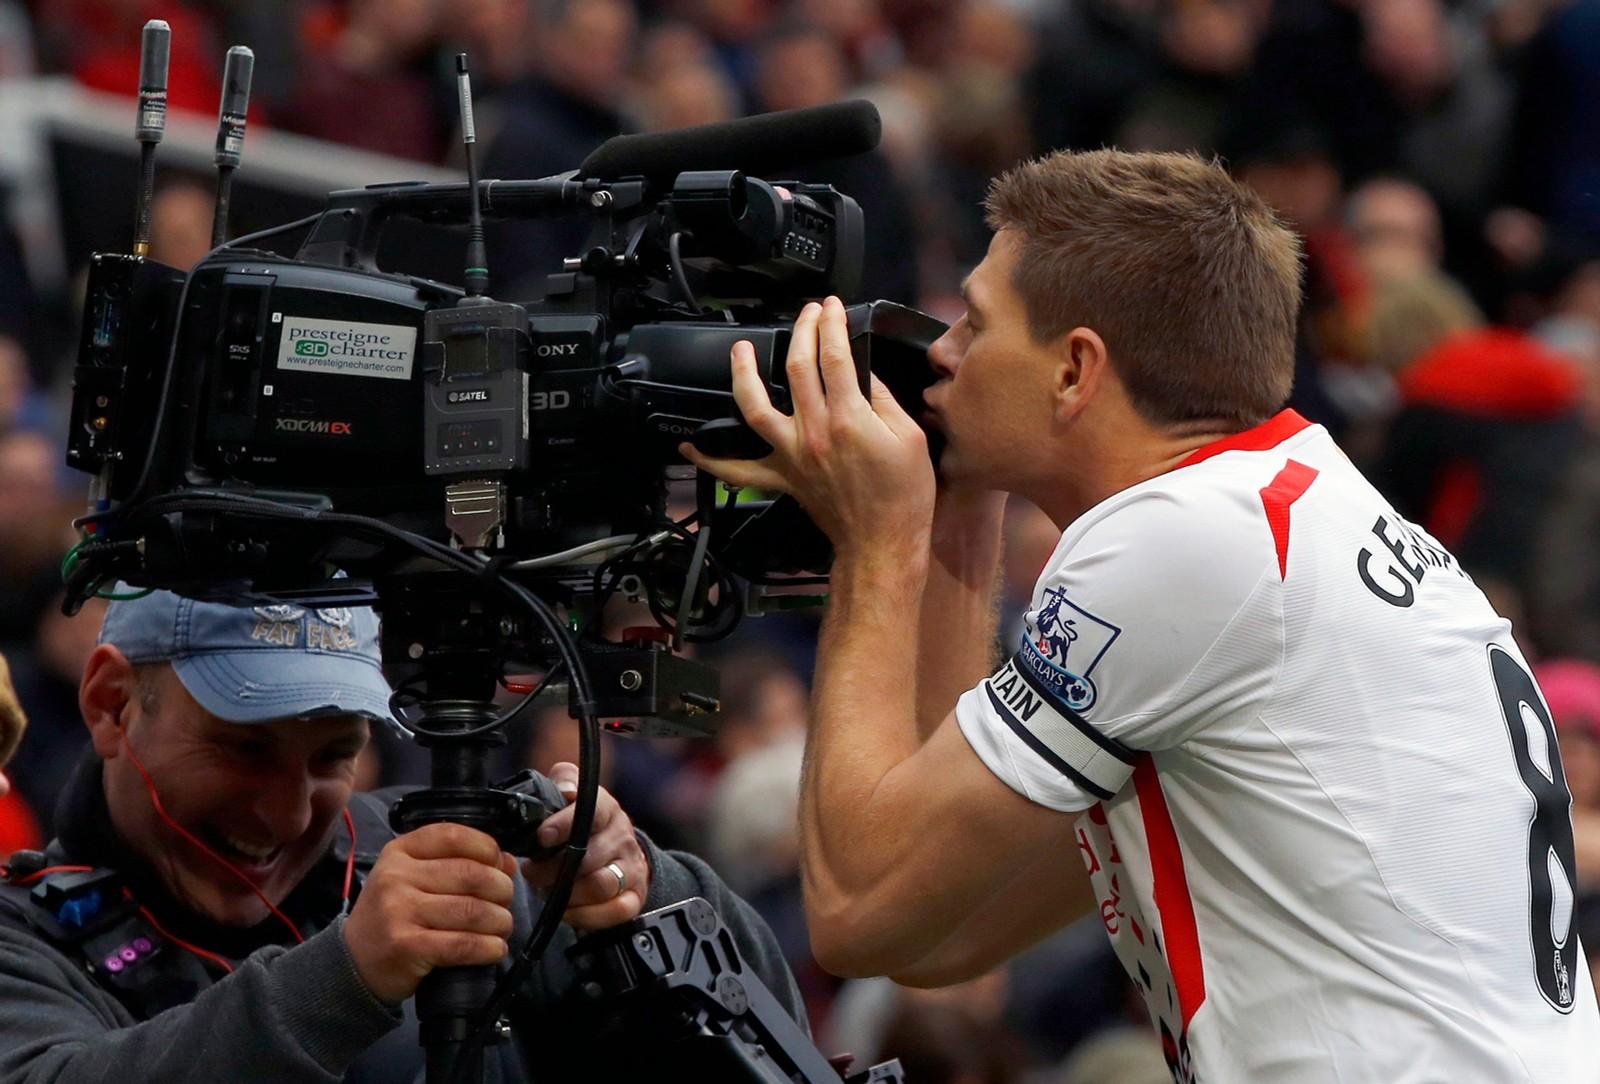 Gerrard har nesten gjort det til tradisjon å kysse et kamera etter å ha scoret på Old Trafford mot erkerivalen Manchester United.